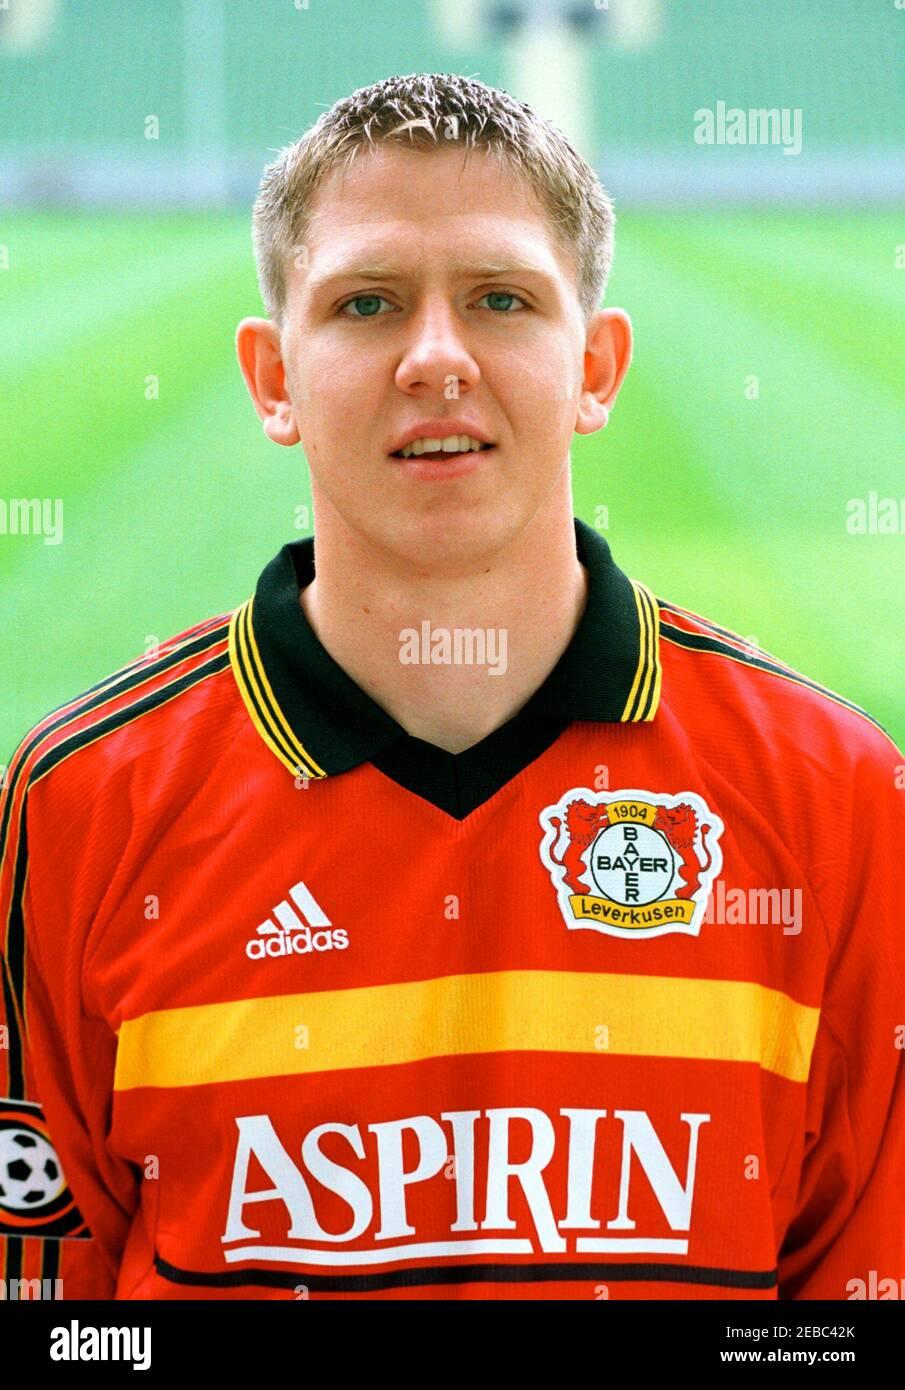 Leverkusen Germania 30.6.1999, Calcio: Presentazione della squadra ...